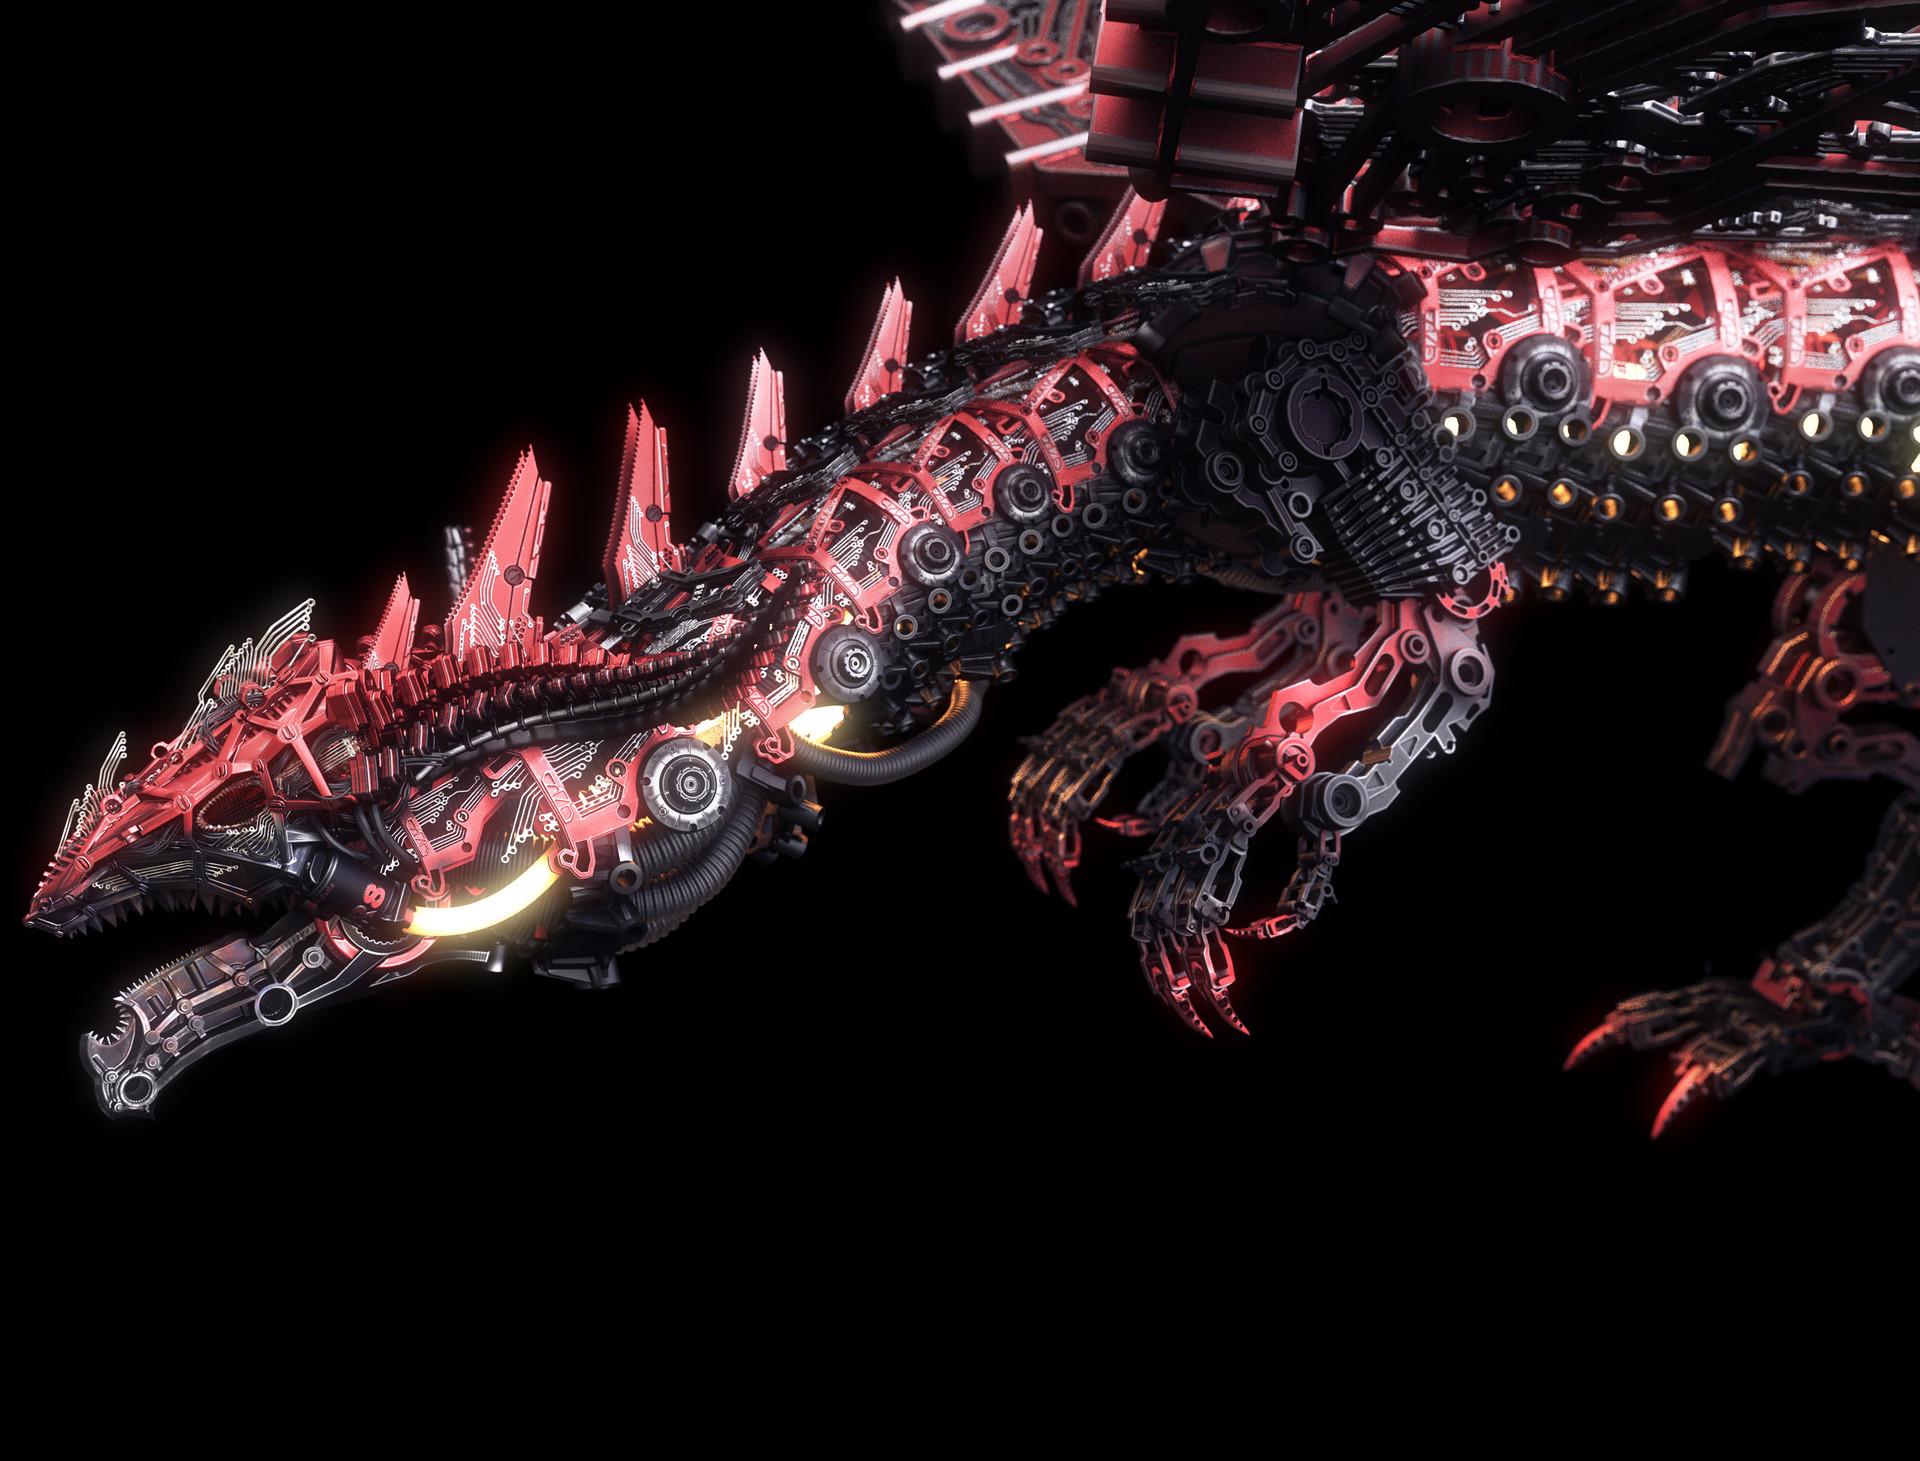 Pawel libiszewski zb dragon 06